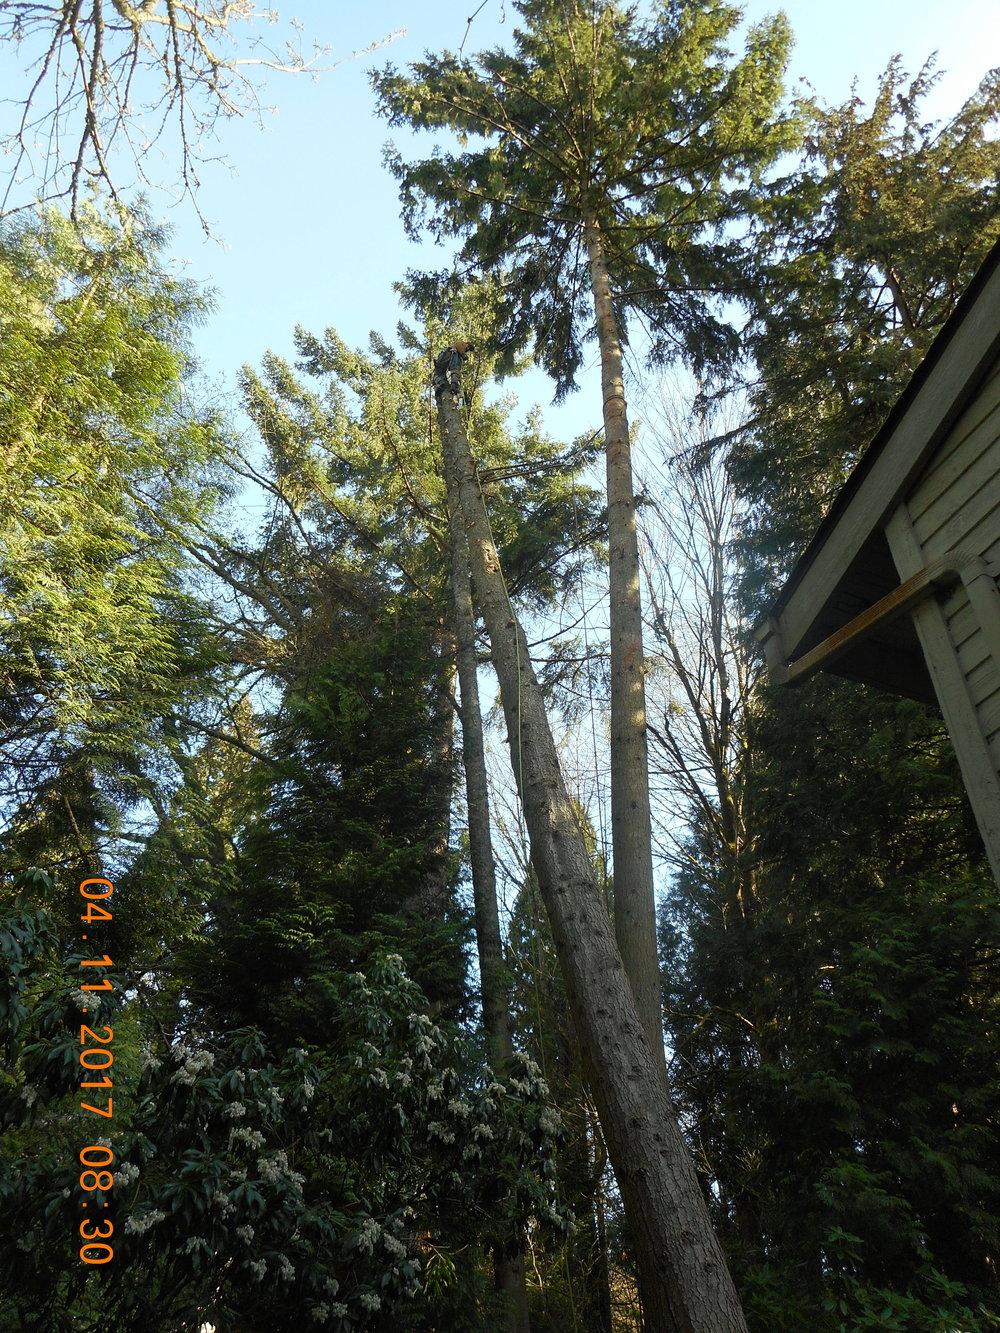 Trevor Laib 04-11-17 TREE (13).JPG